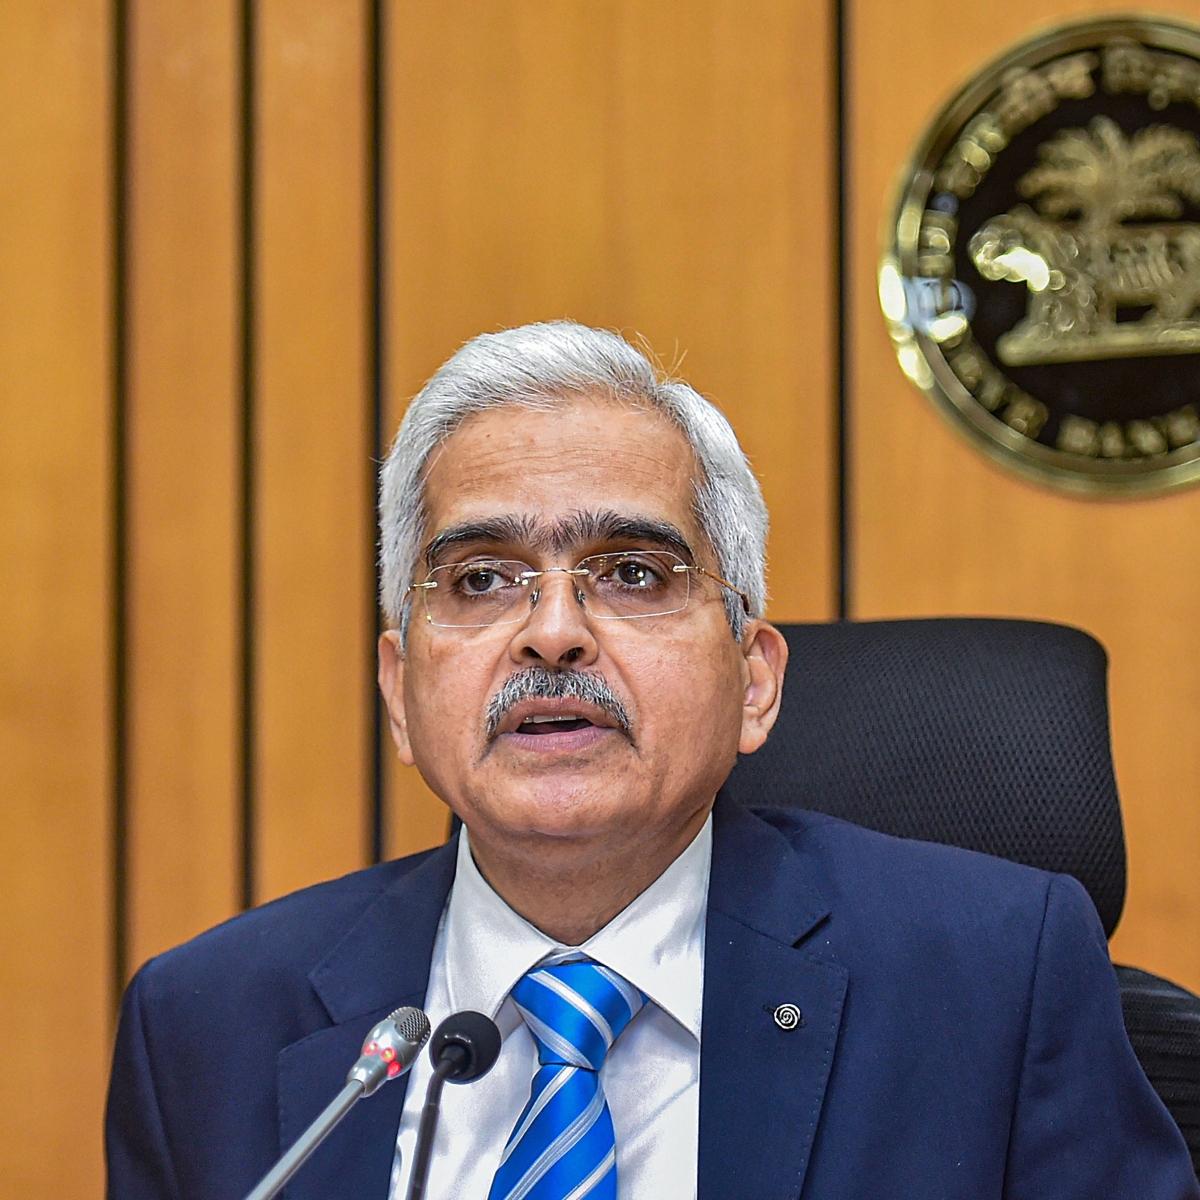 Lockdown: RBI sees inflation falling below 4% target by mid-FY21